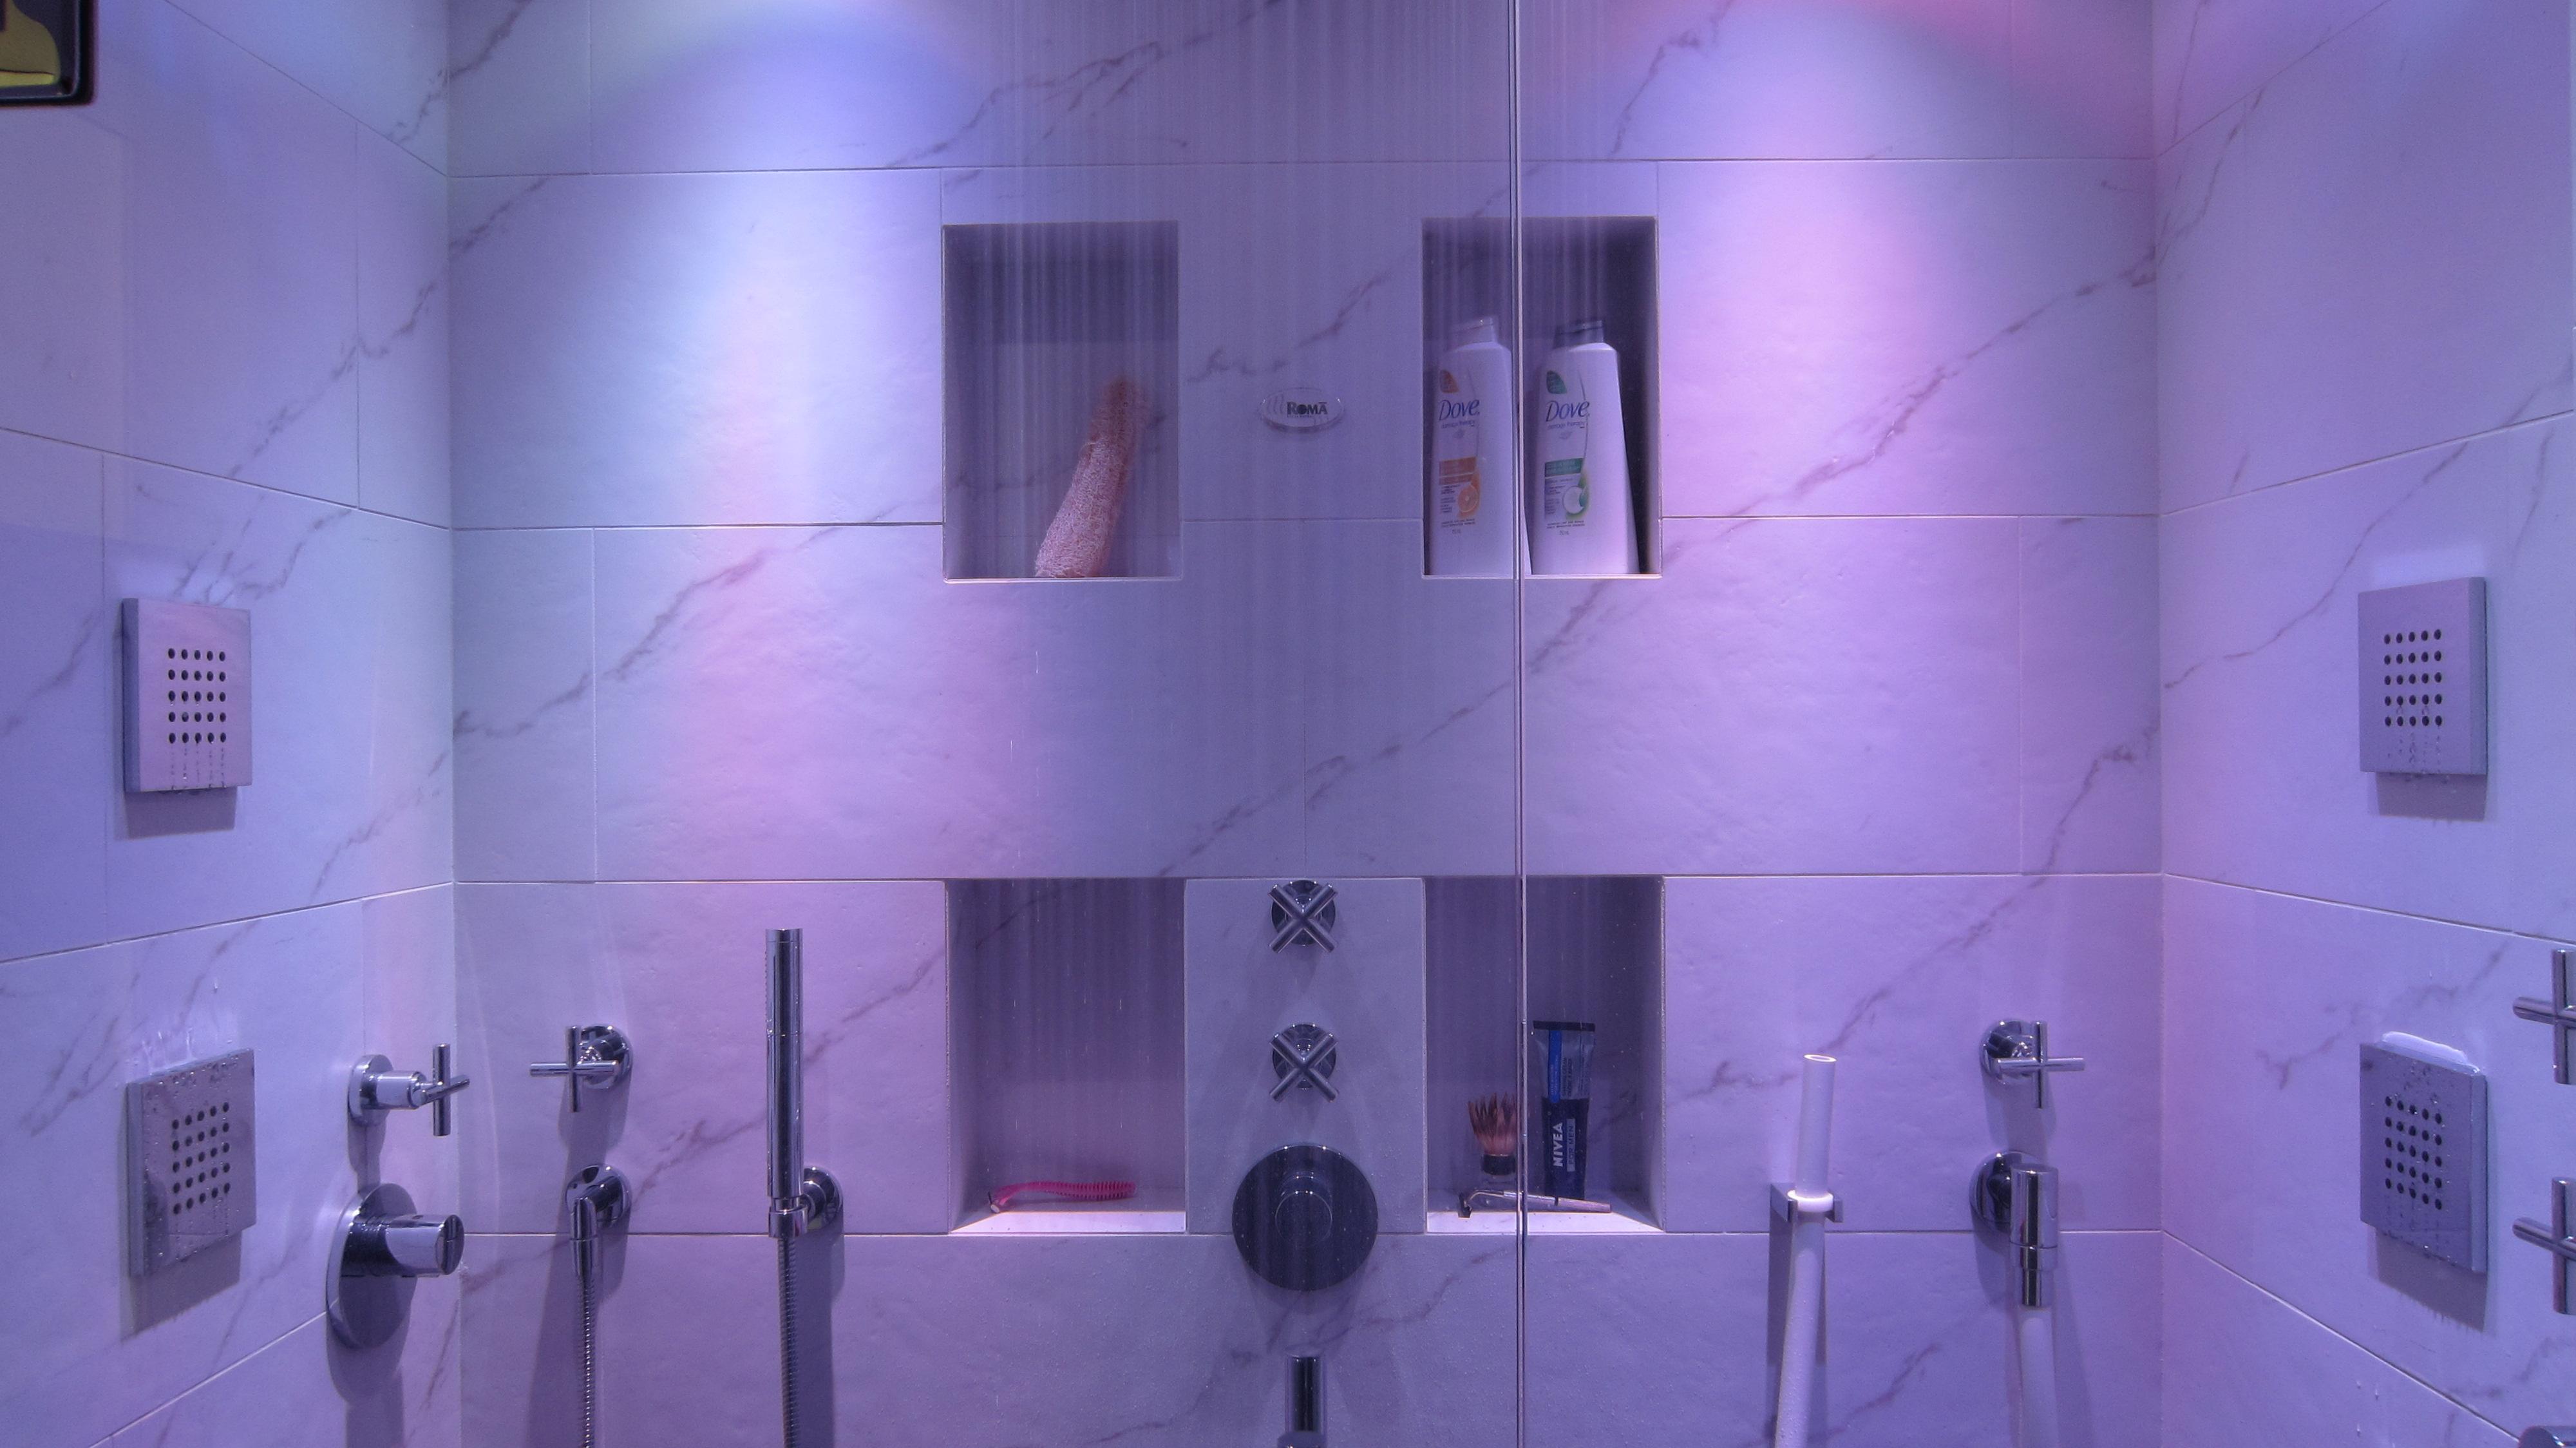 bauhaus 1 bathroom shower. Black Bedroom Furniture Sets. Home Design Ideas